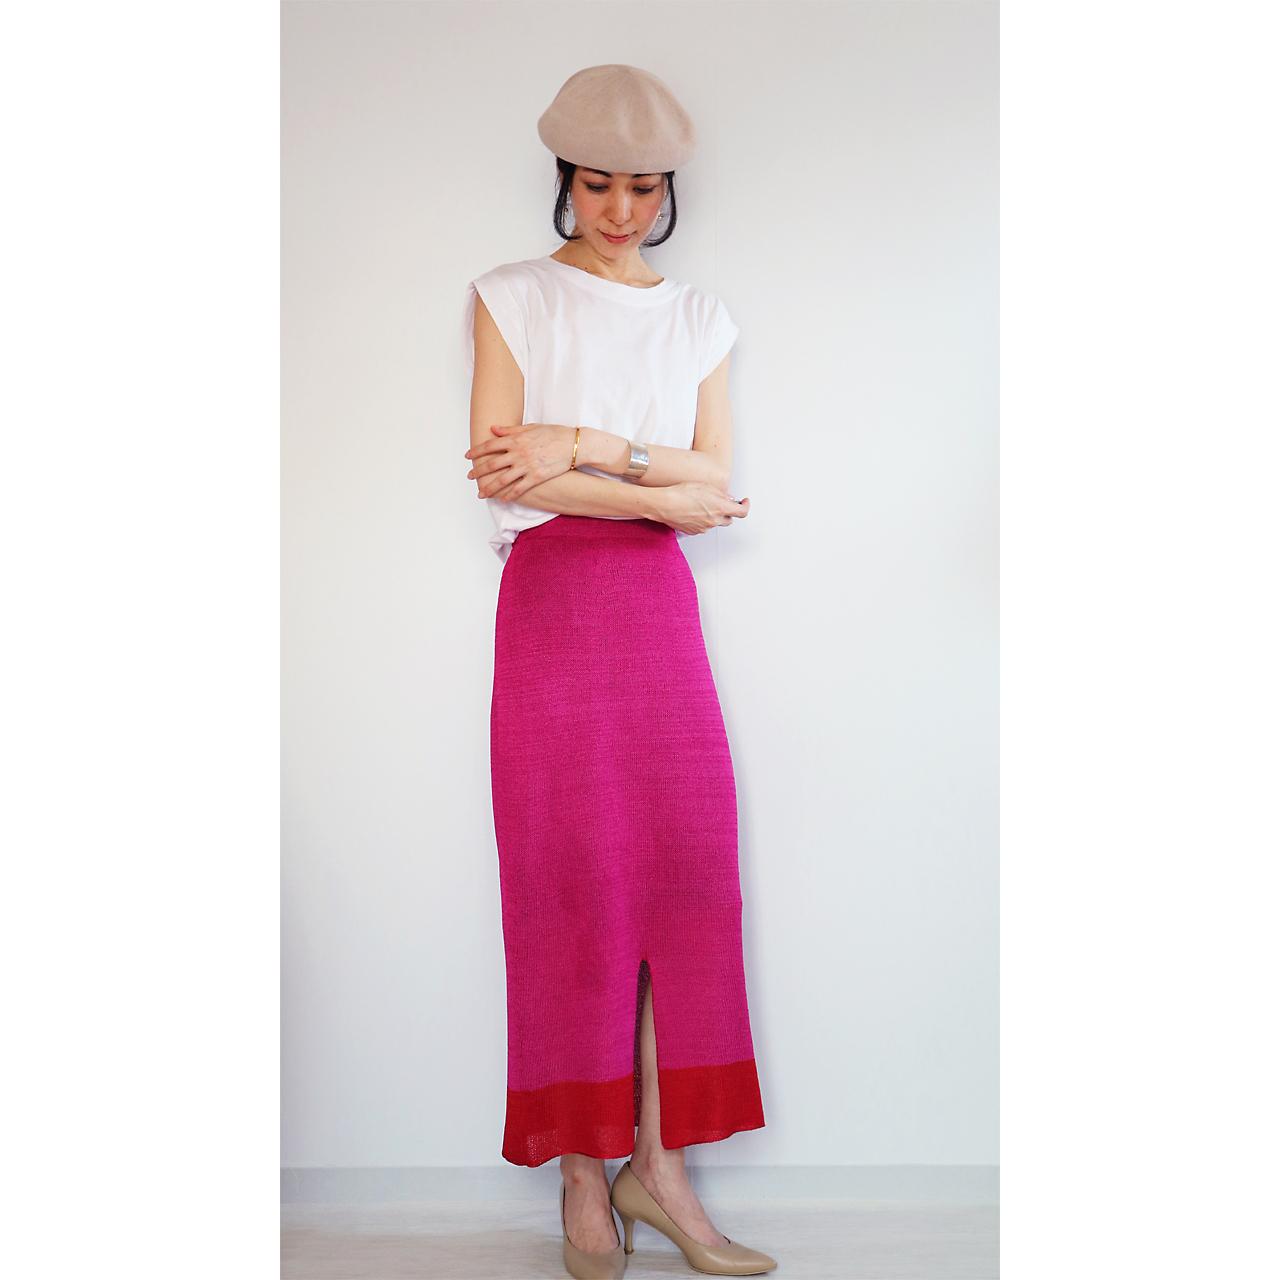 Sualocin[スアロキン] ナロー・スカート2 / ピンク系1